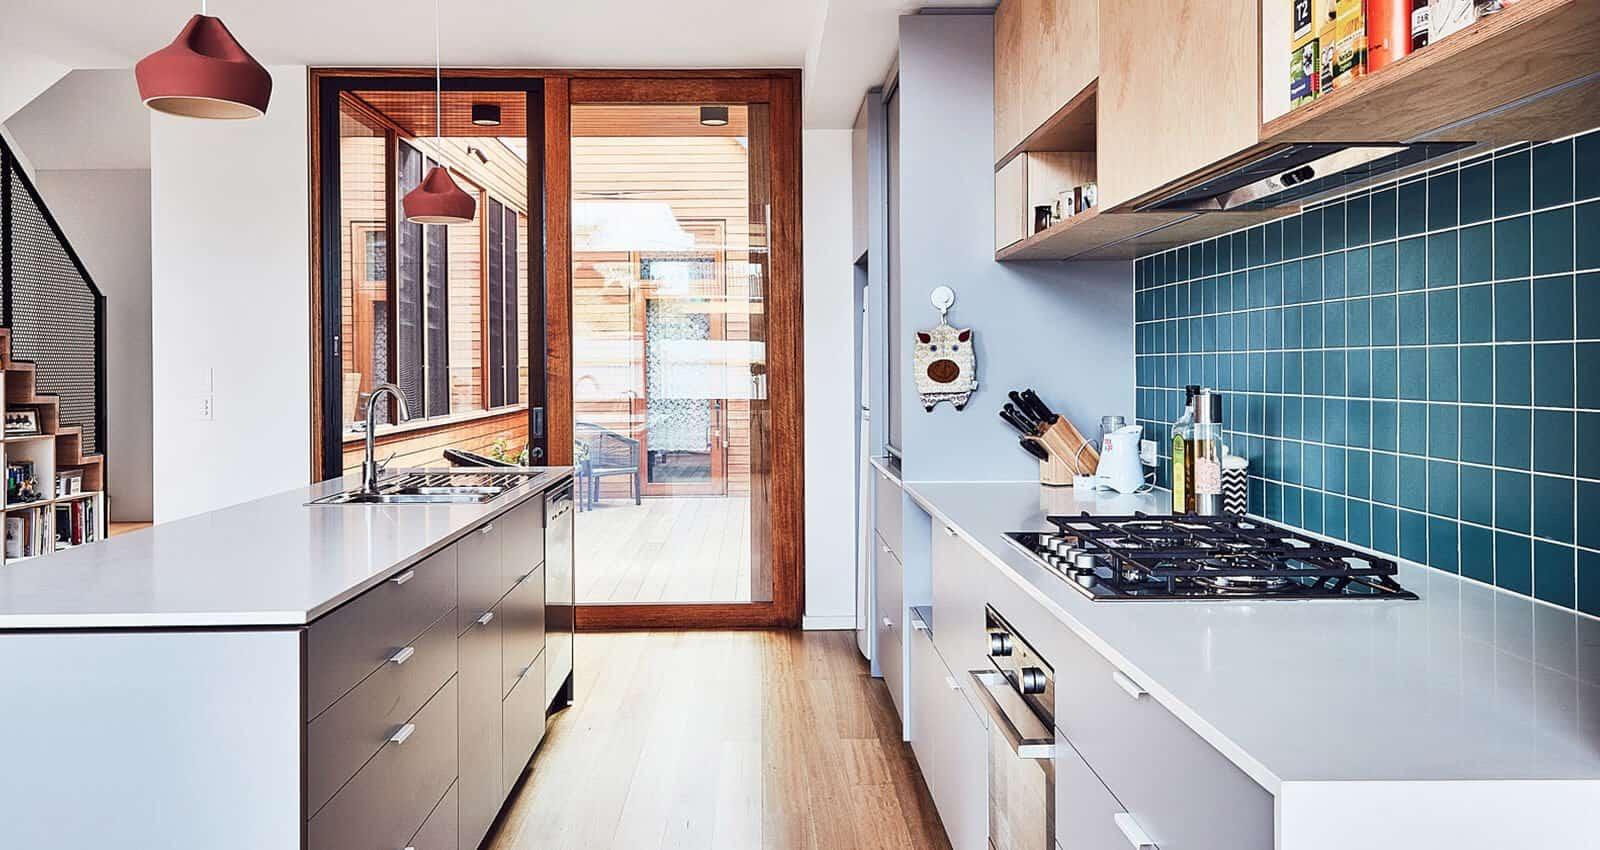 Glenlyon Rd home cabinet detail